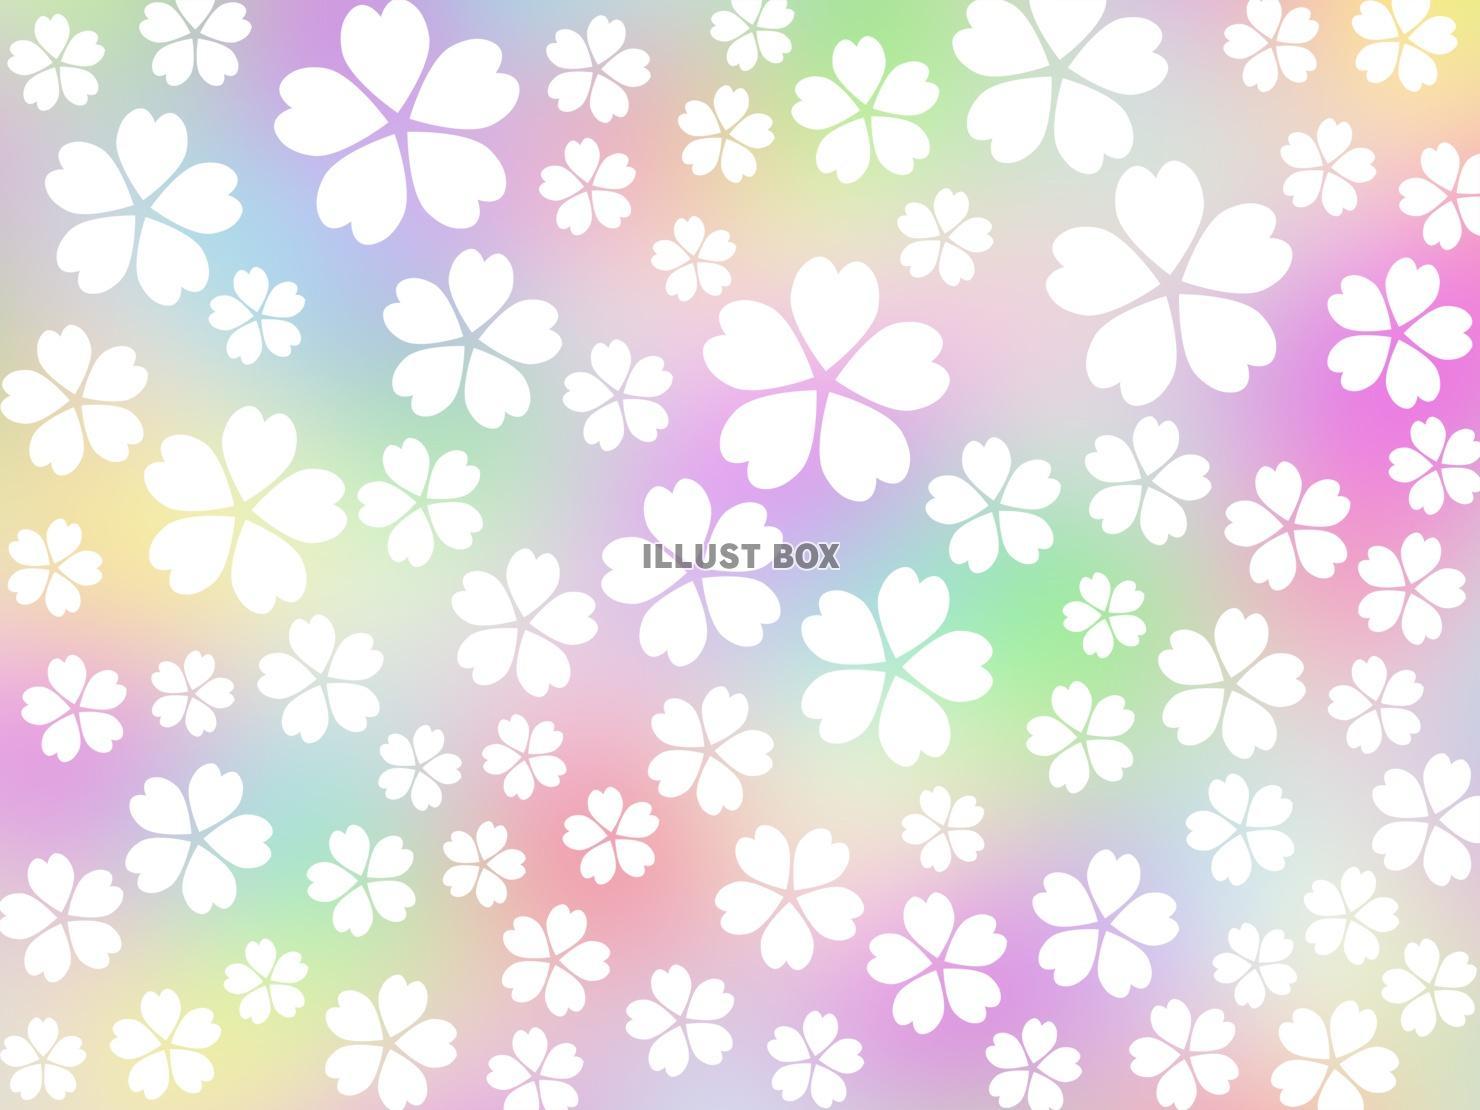 無料イラスト 桜の花模様壁紙カラフル背景素材イラスト ベクターあり